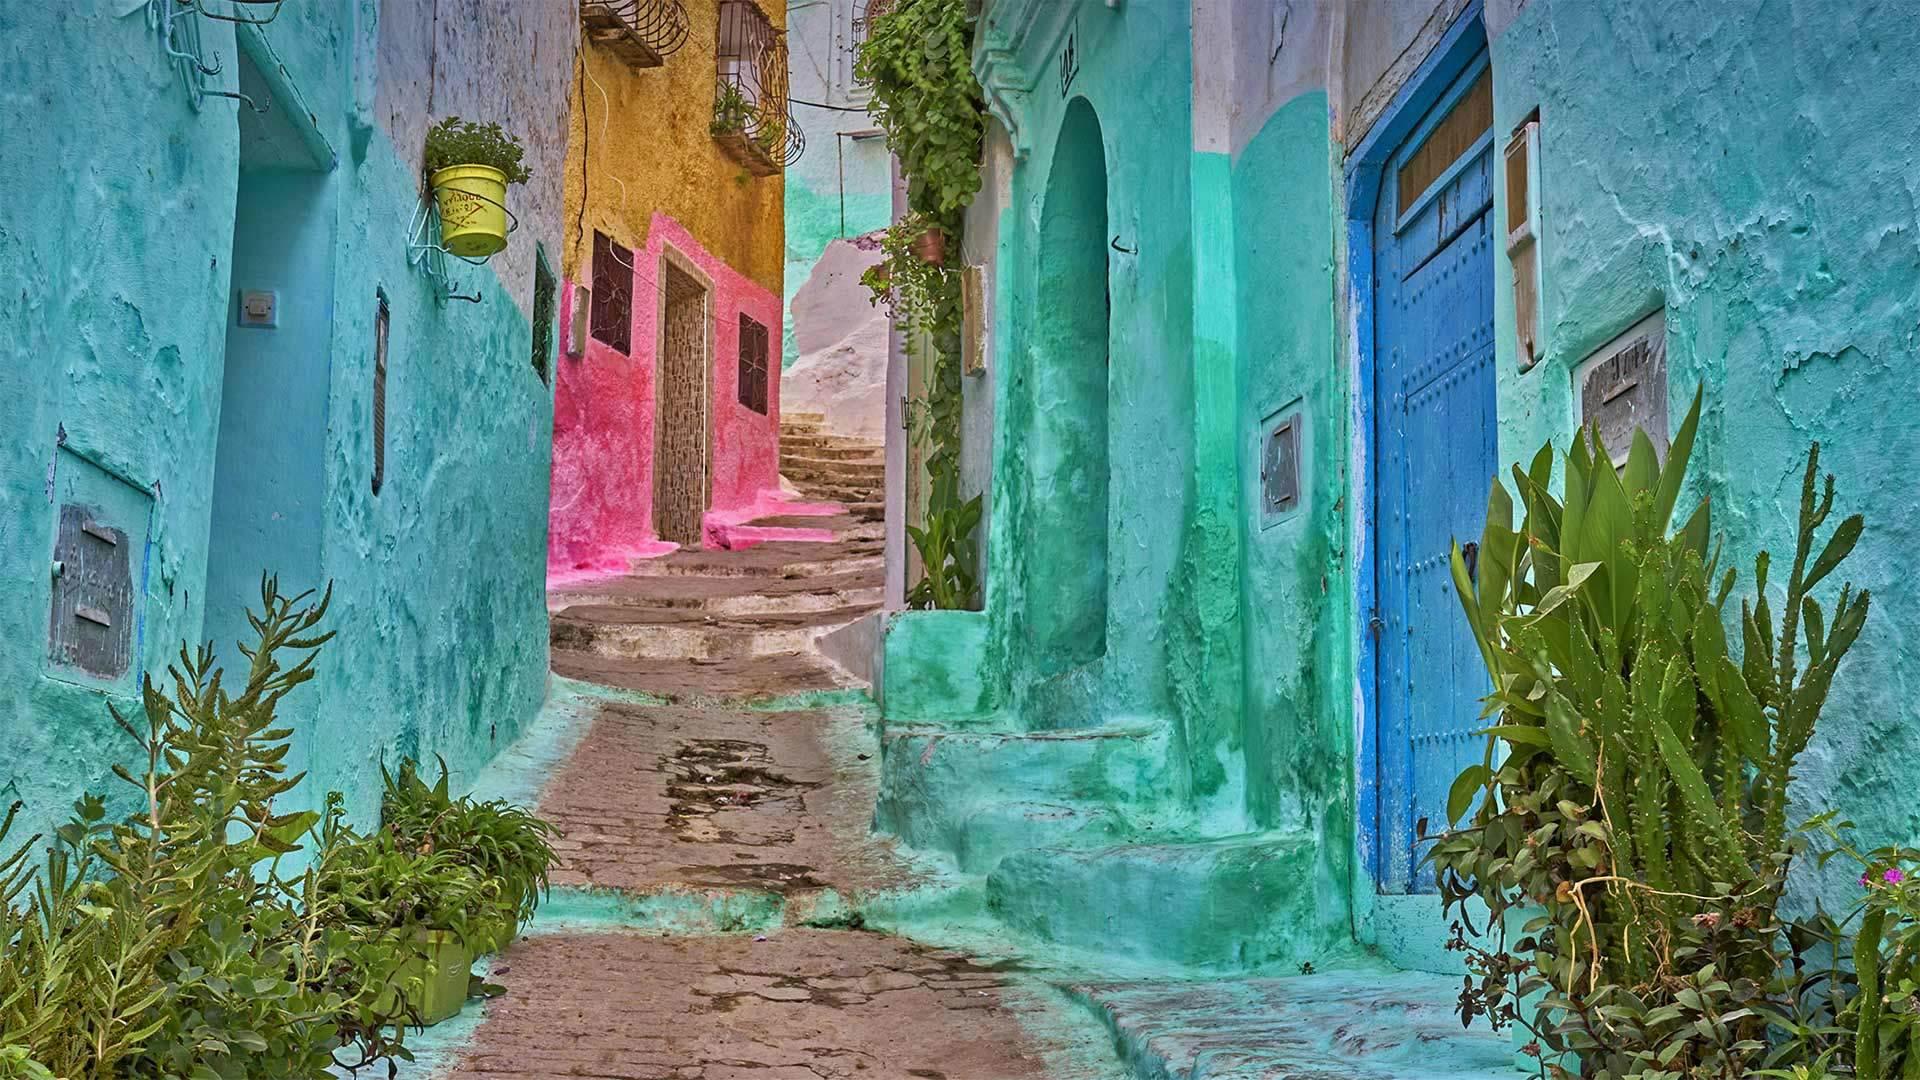 麦地那的彩色小巷摩洛哥